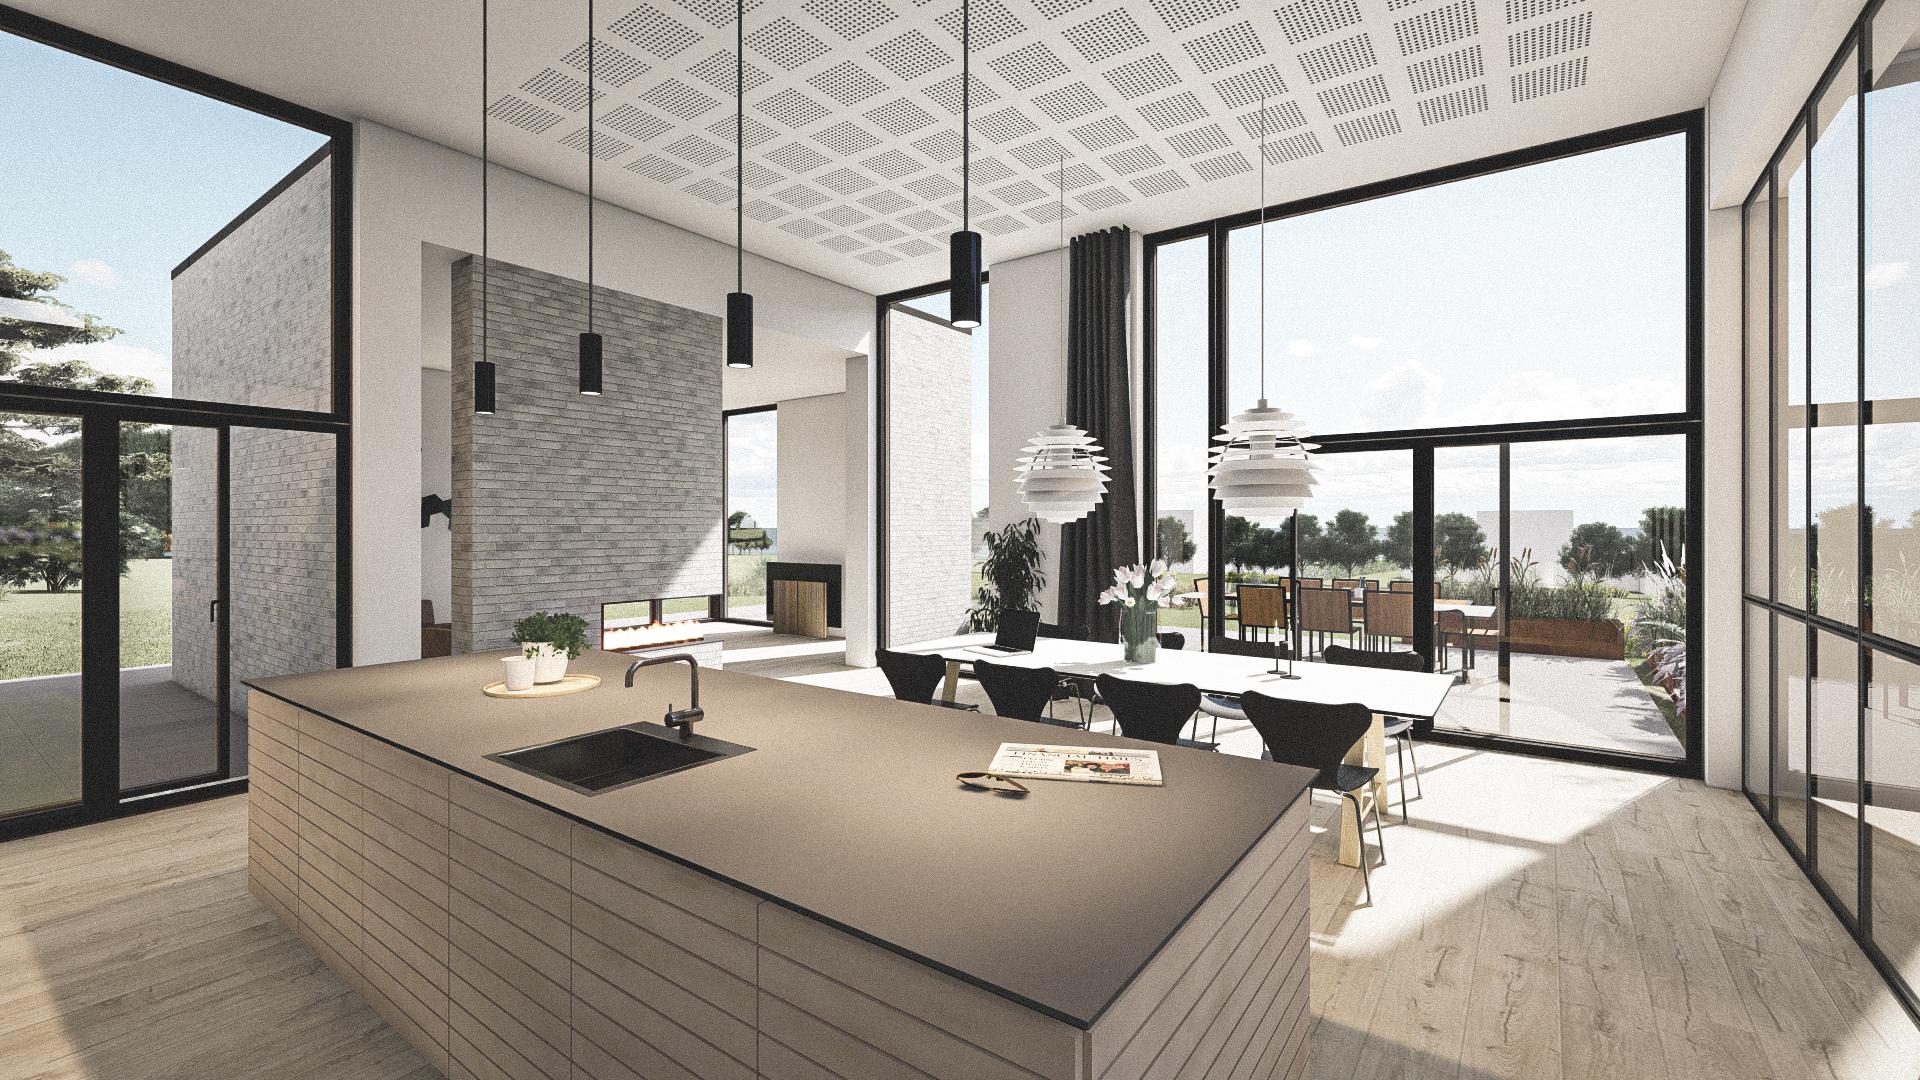 Billede af Dansk arkitekttegnet 1 plan villa af arkitektfirmaet m2plus, i Løgstør på 195 kvartratmeter.